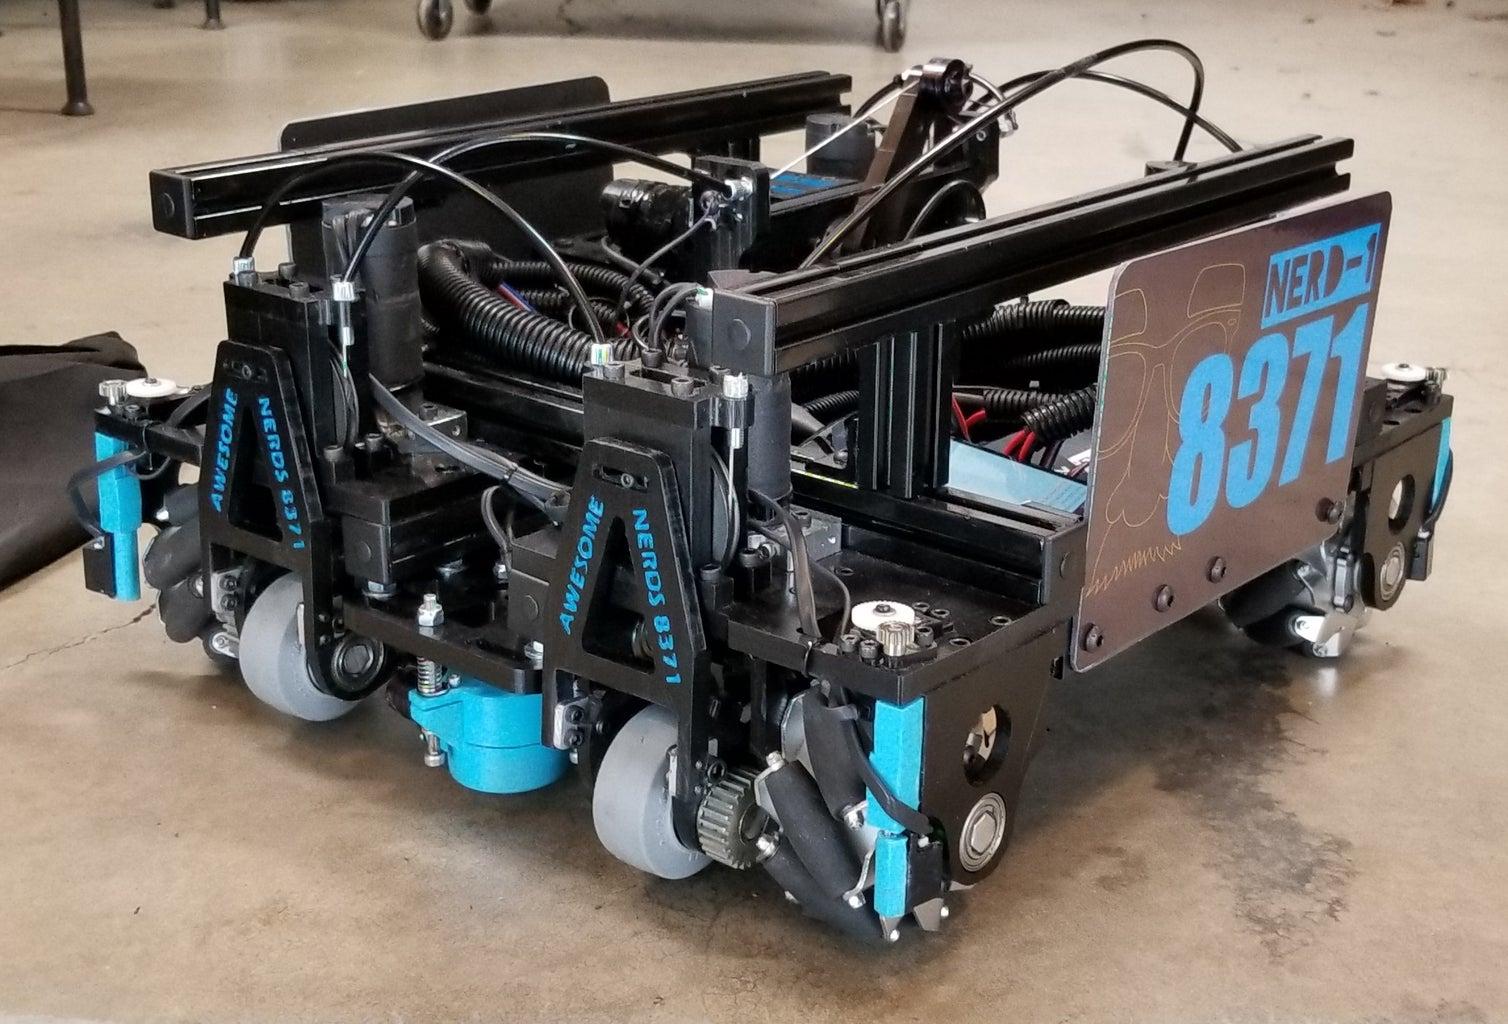 La Fabricación De Robots Del FTC Usando Métodos No Tradicionales